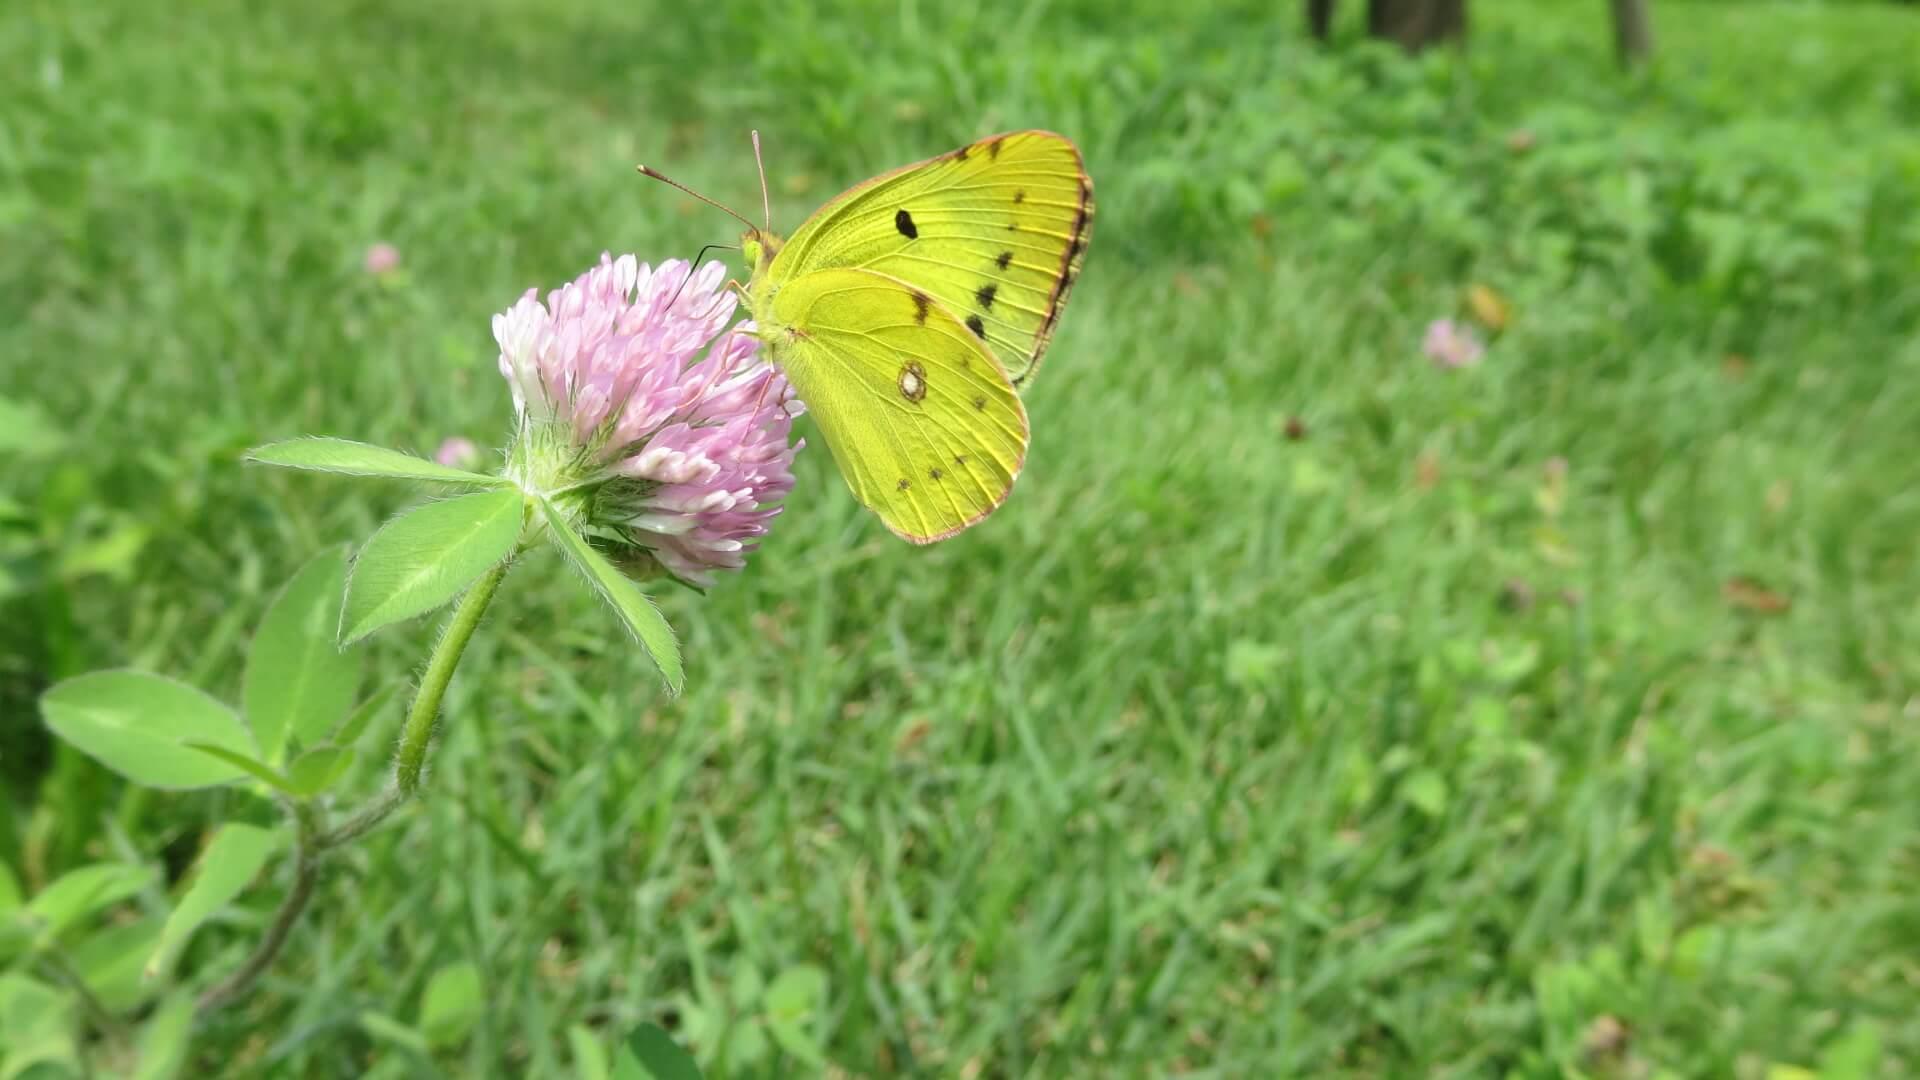 モンキチョウ・黄色・蝶々・撮影用・調達